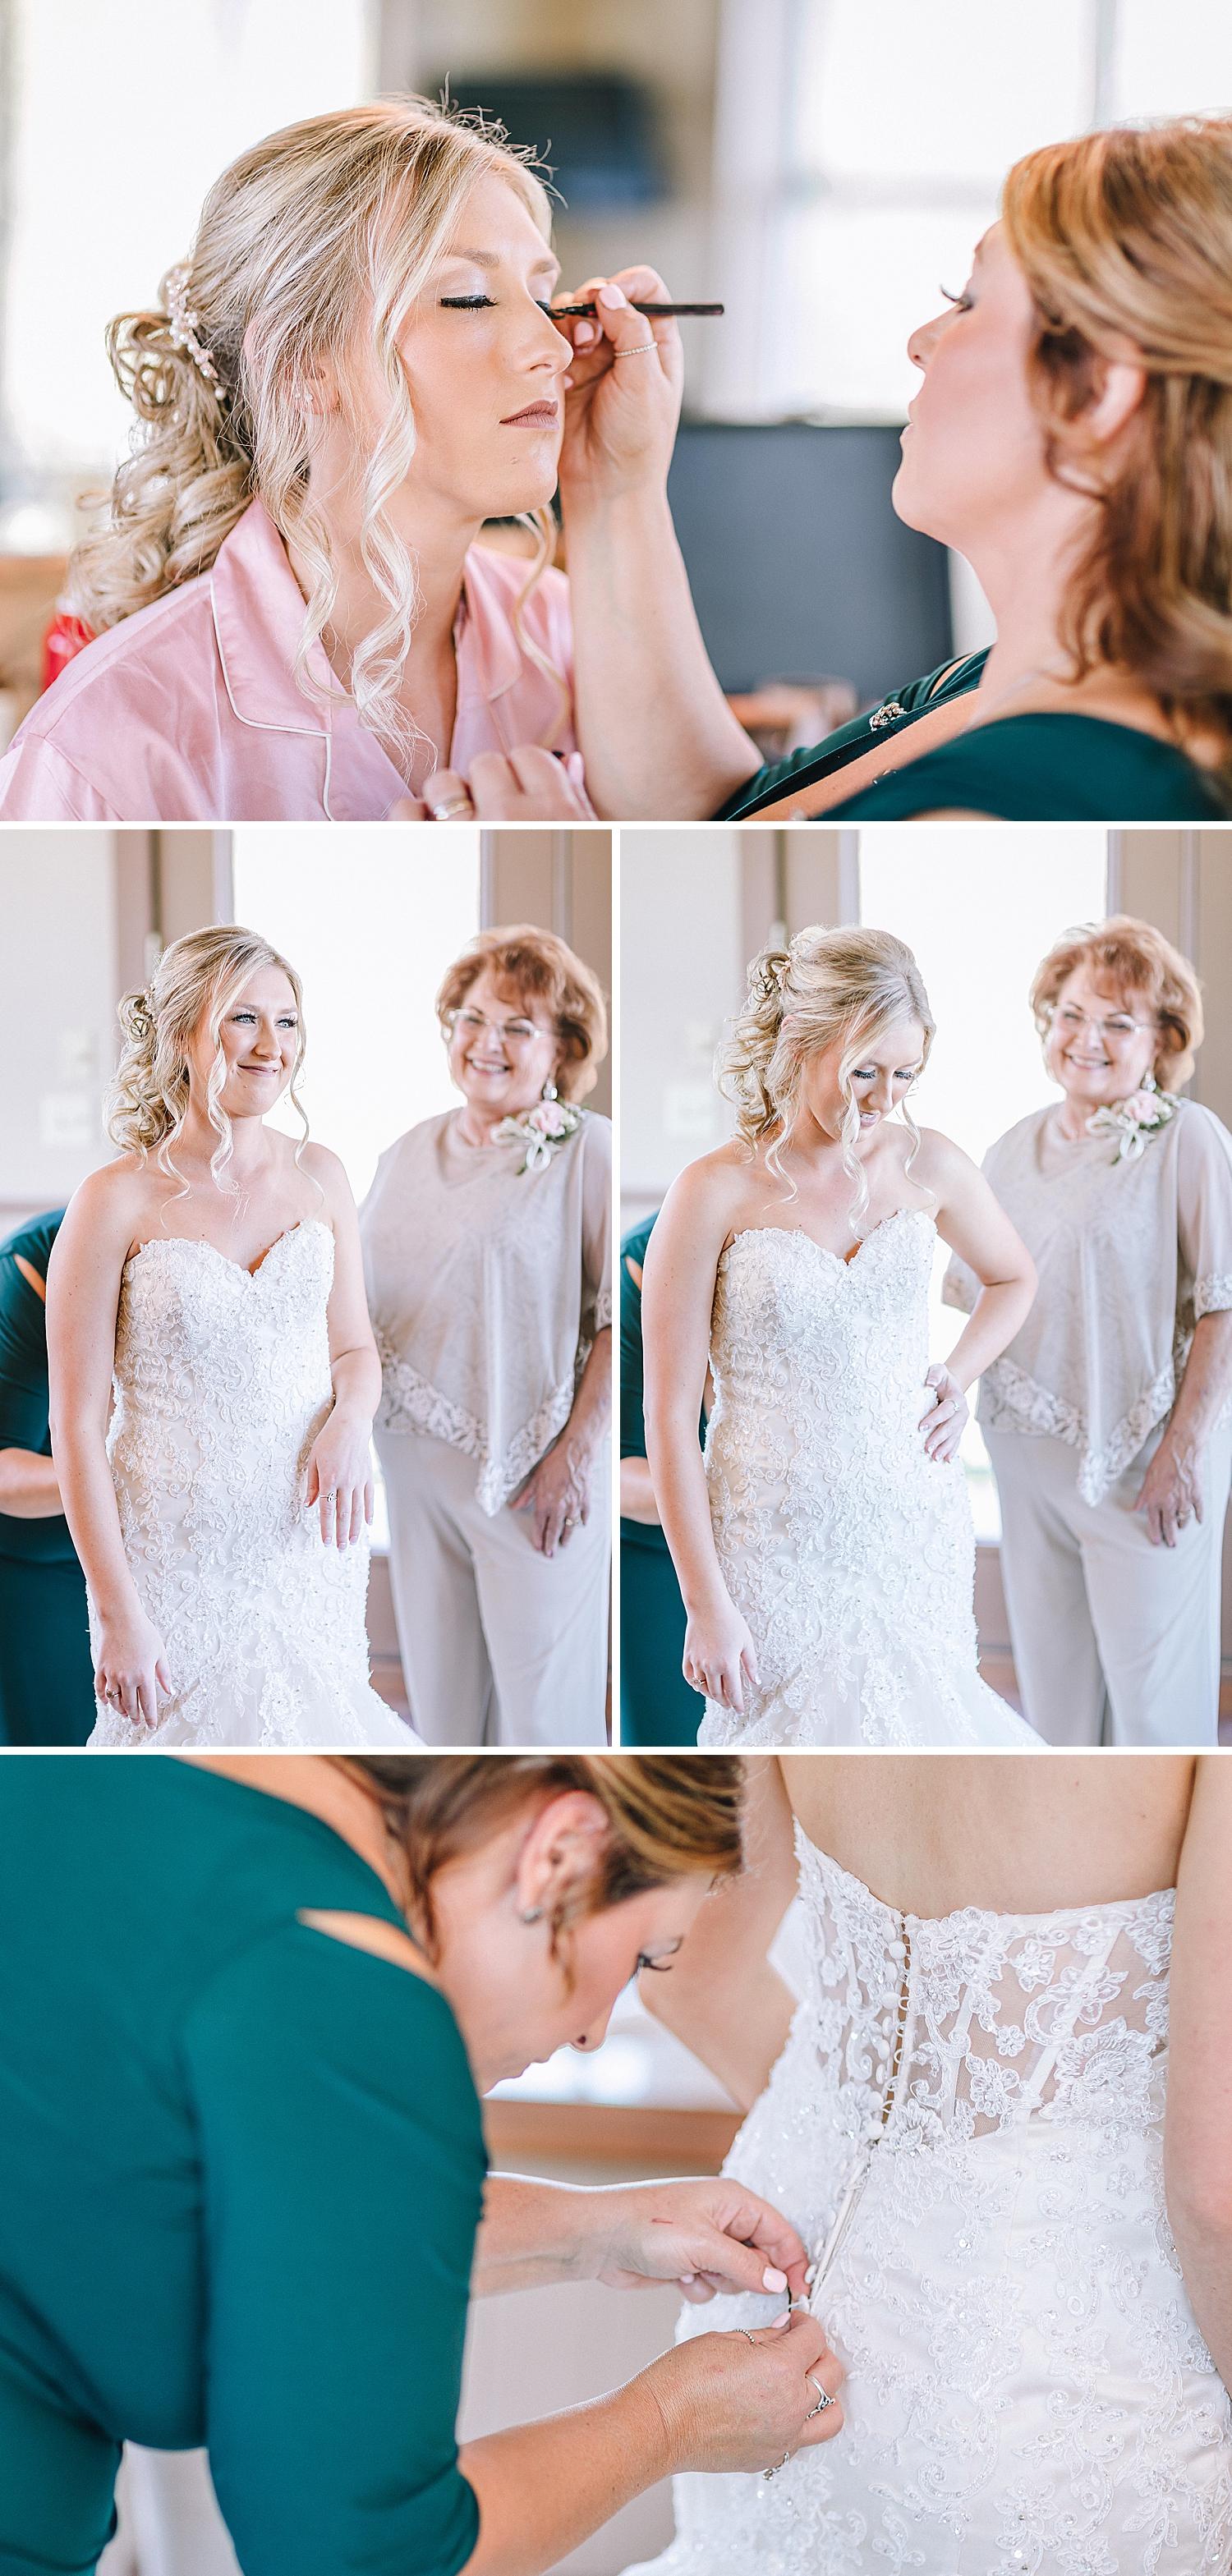 Rackler-Ranch-LaVernia-Texas-Wedding-Carly-Barton-Photography_0003.jpg